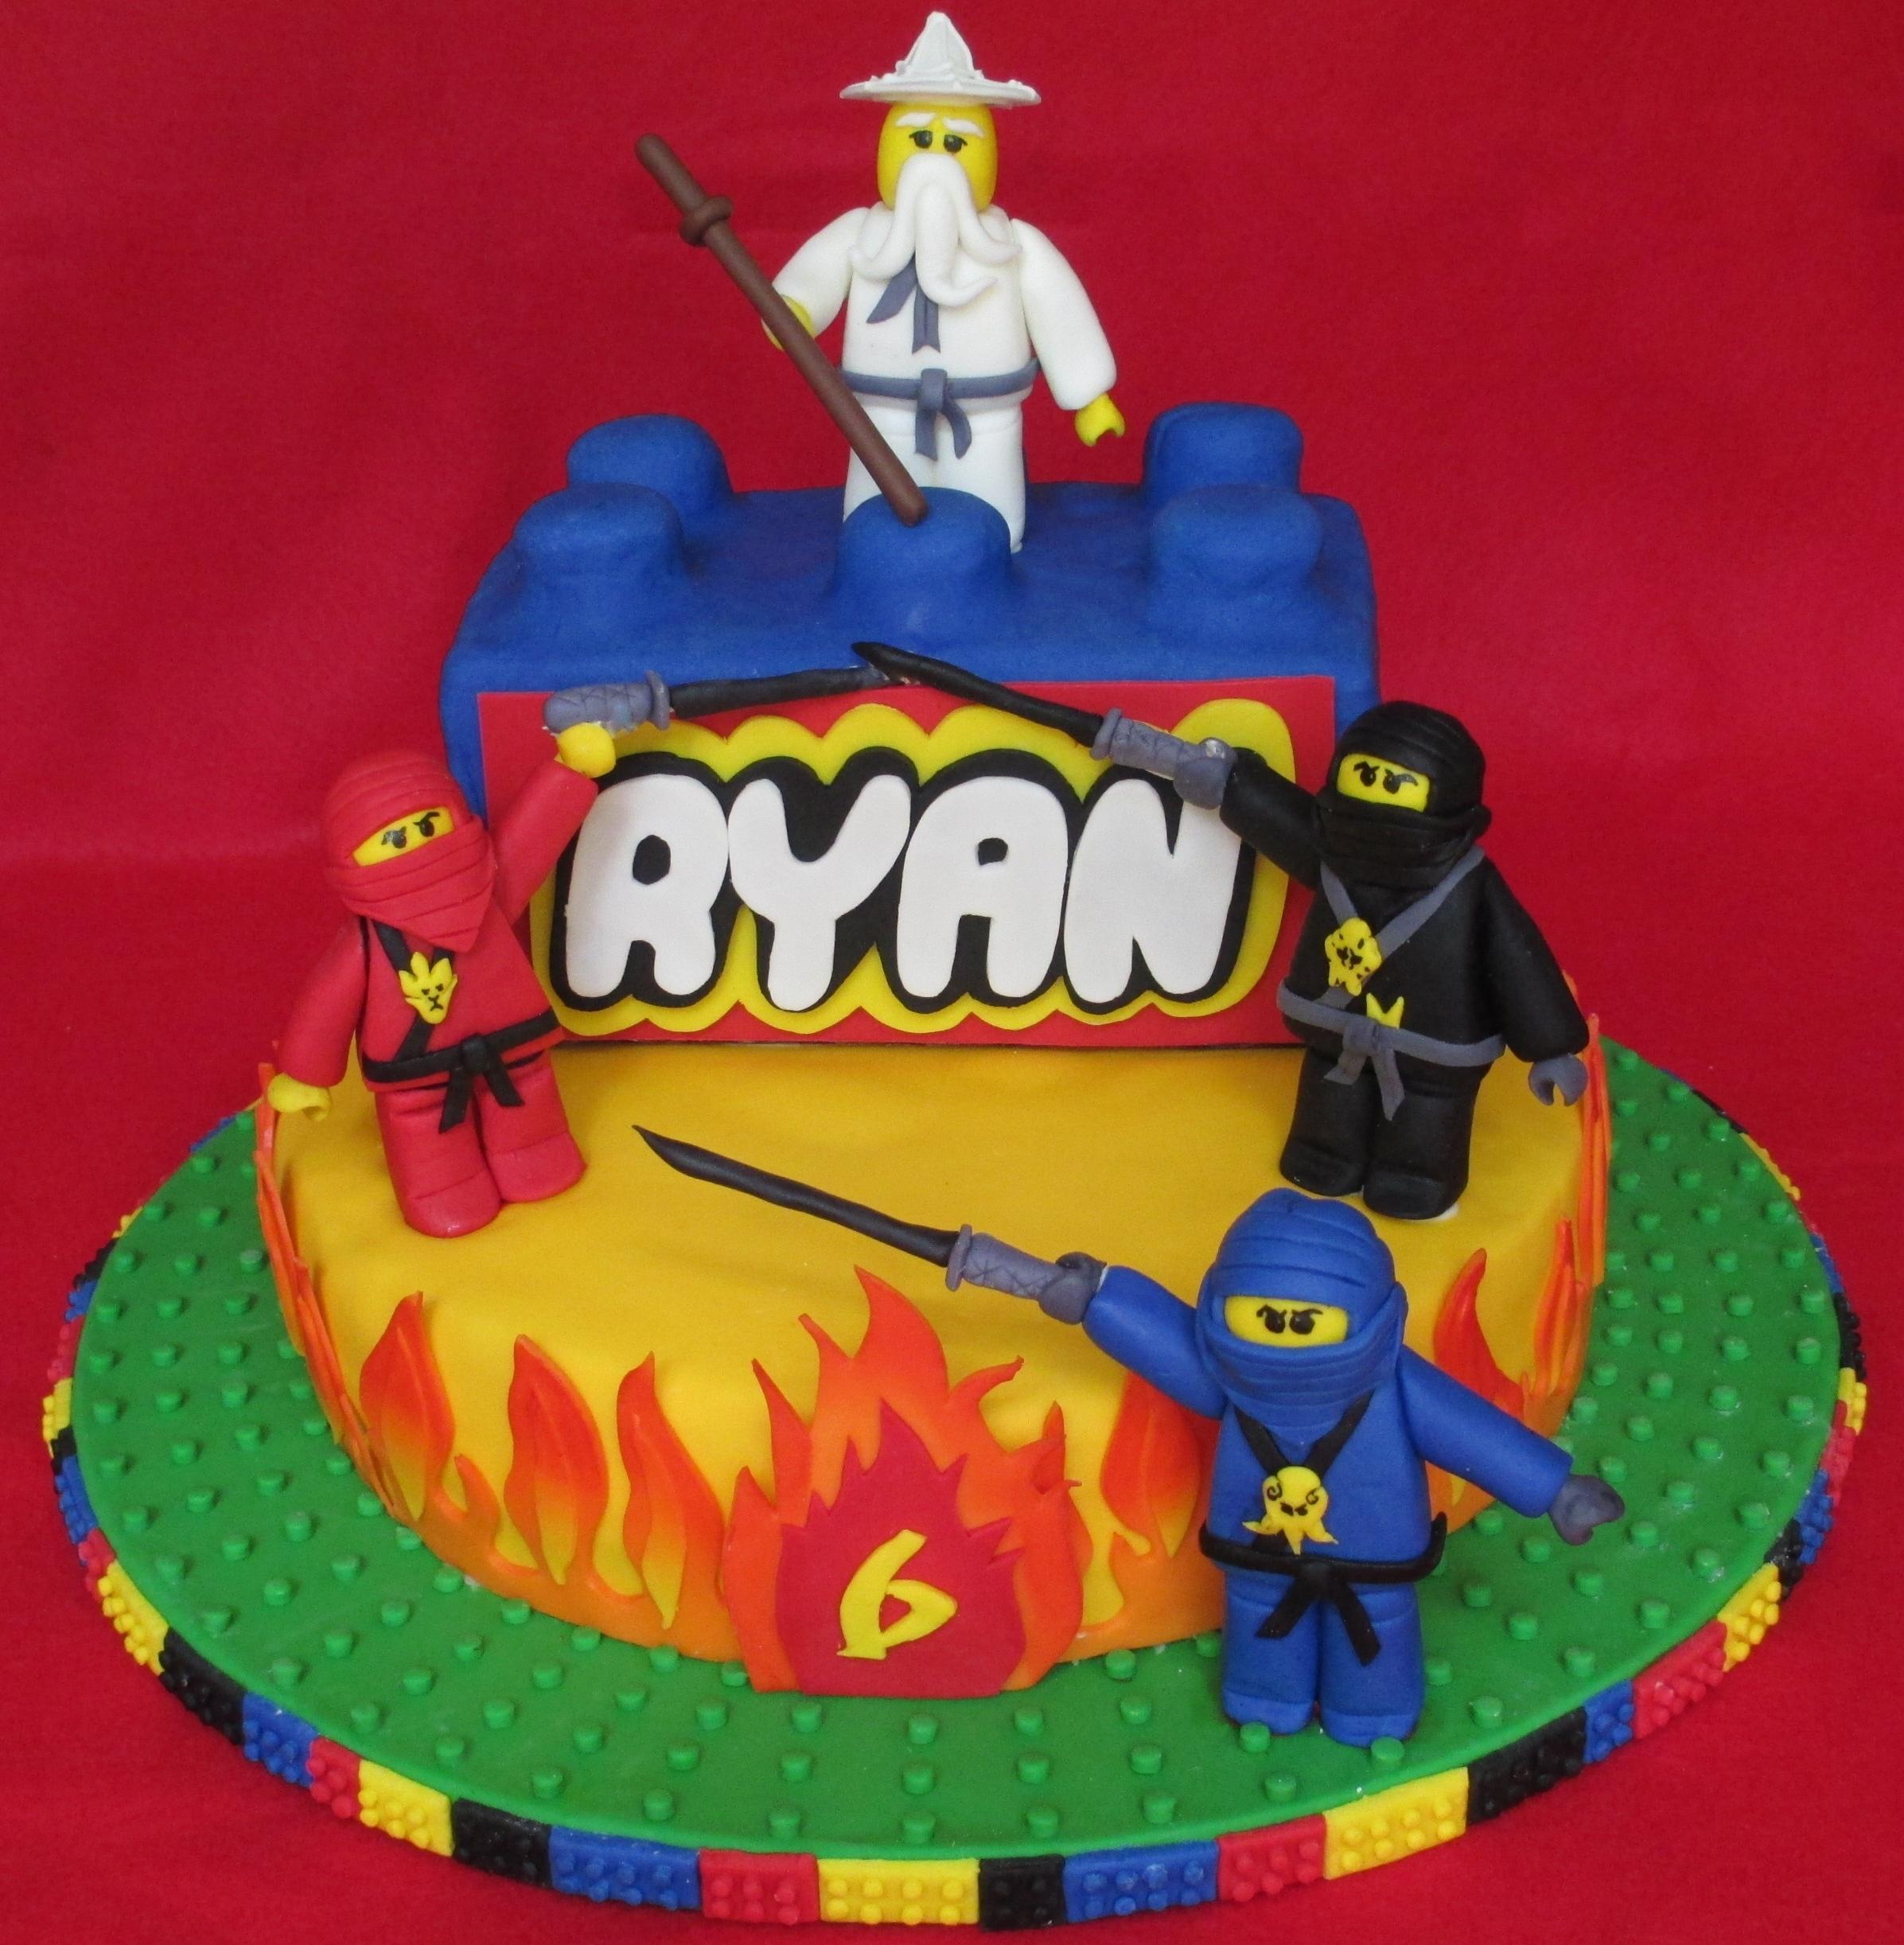 Lego Ninjago Cake Dolce Ladybug